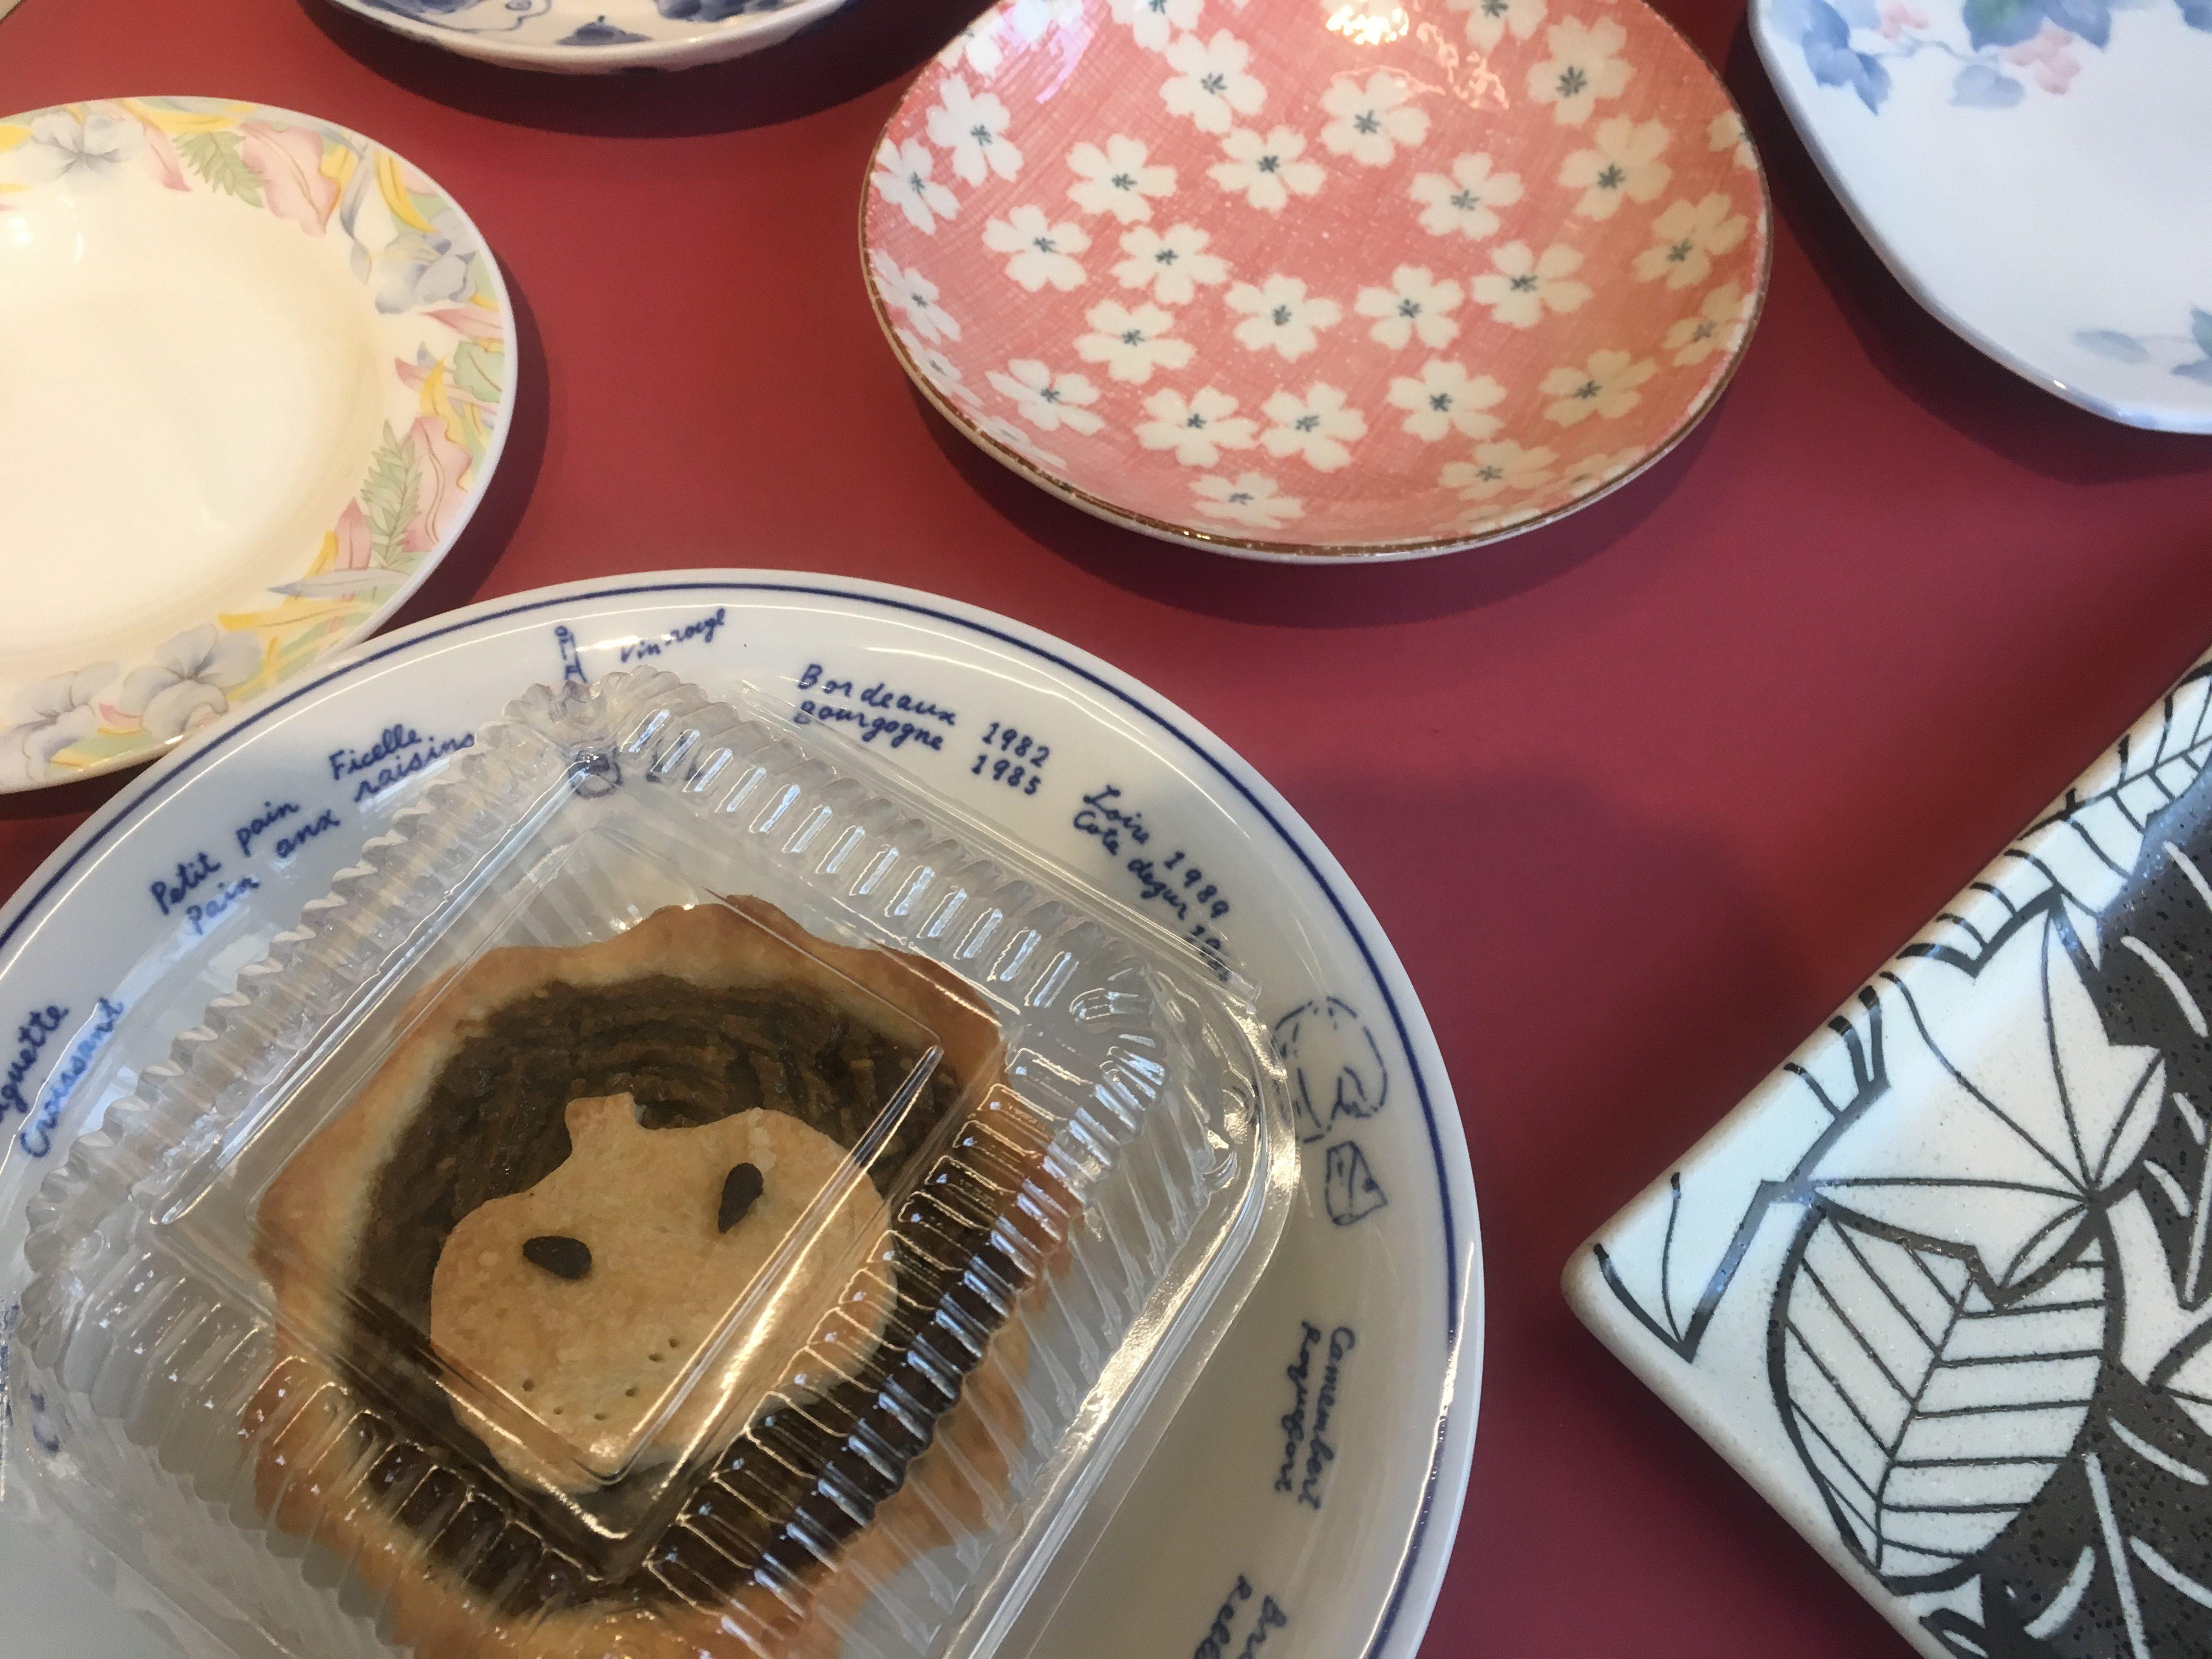 Fine apple pie on fine china, vegan bakery, Tainan